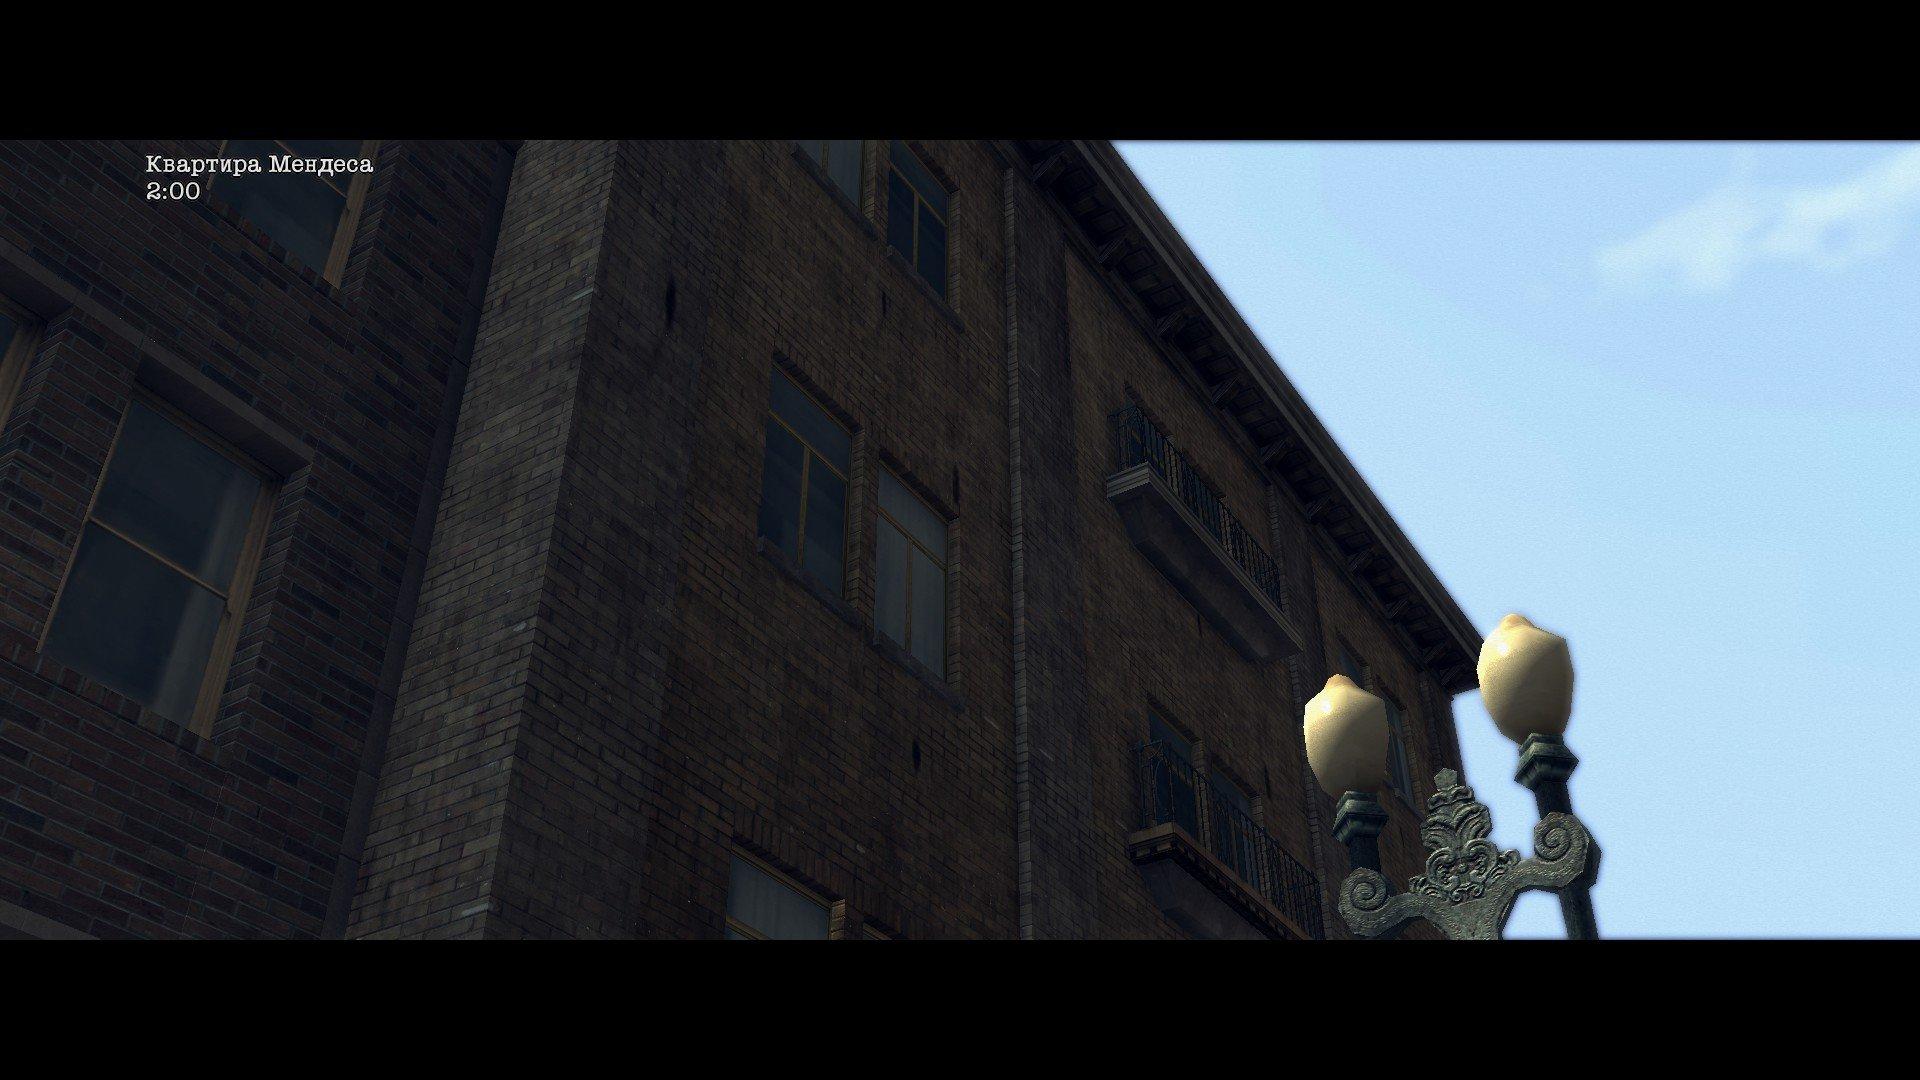 Пост-прохождение L.A. Noire Часть 8 - Изображение 52